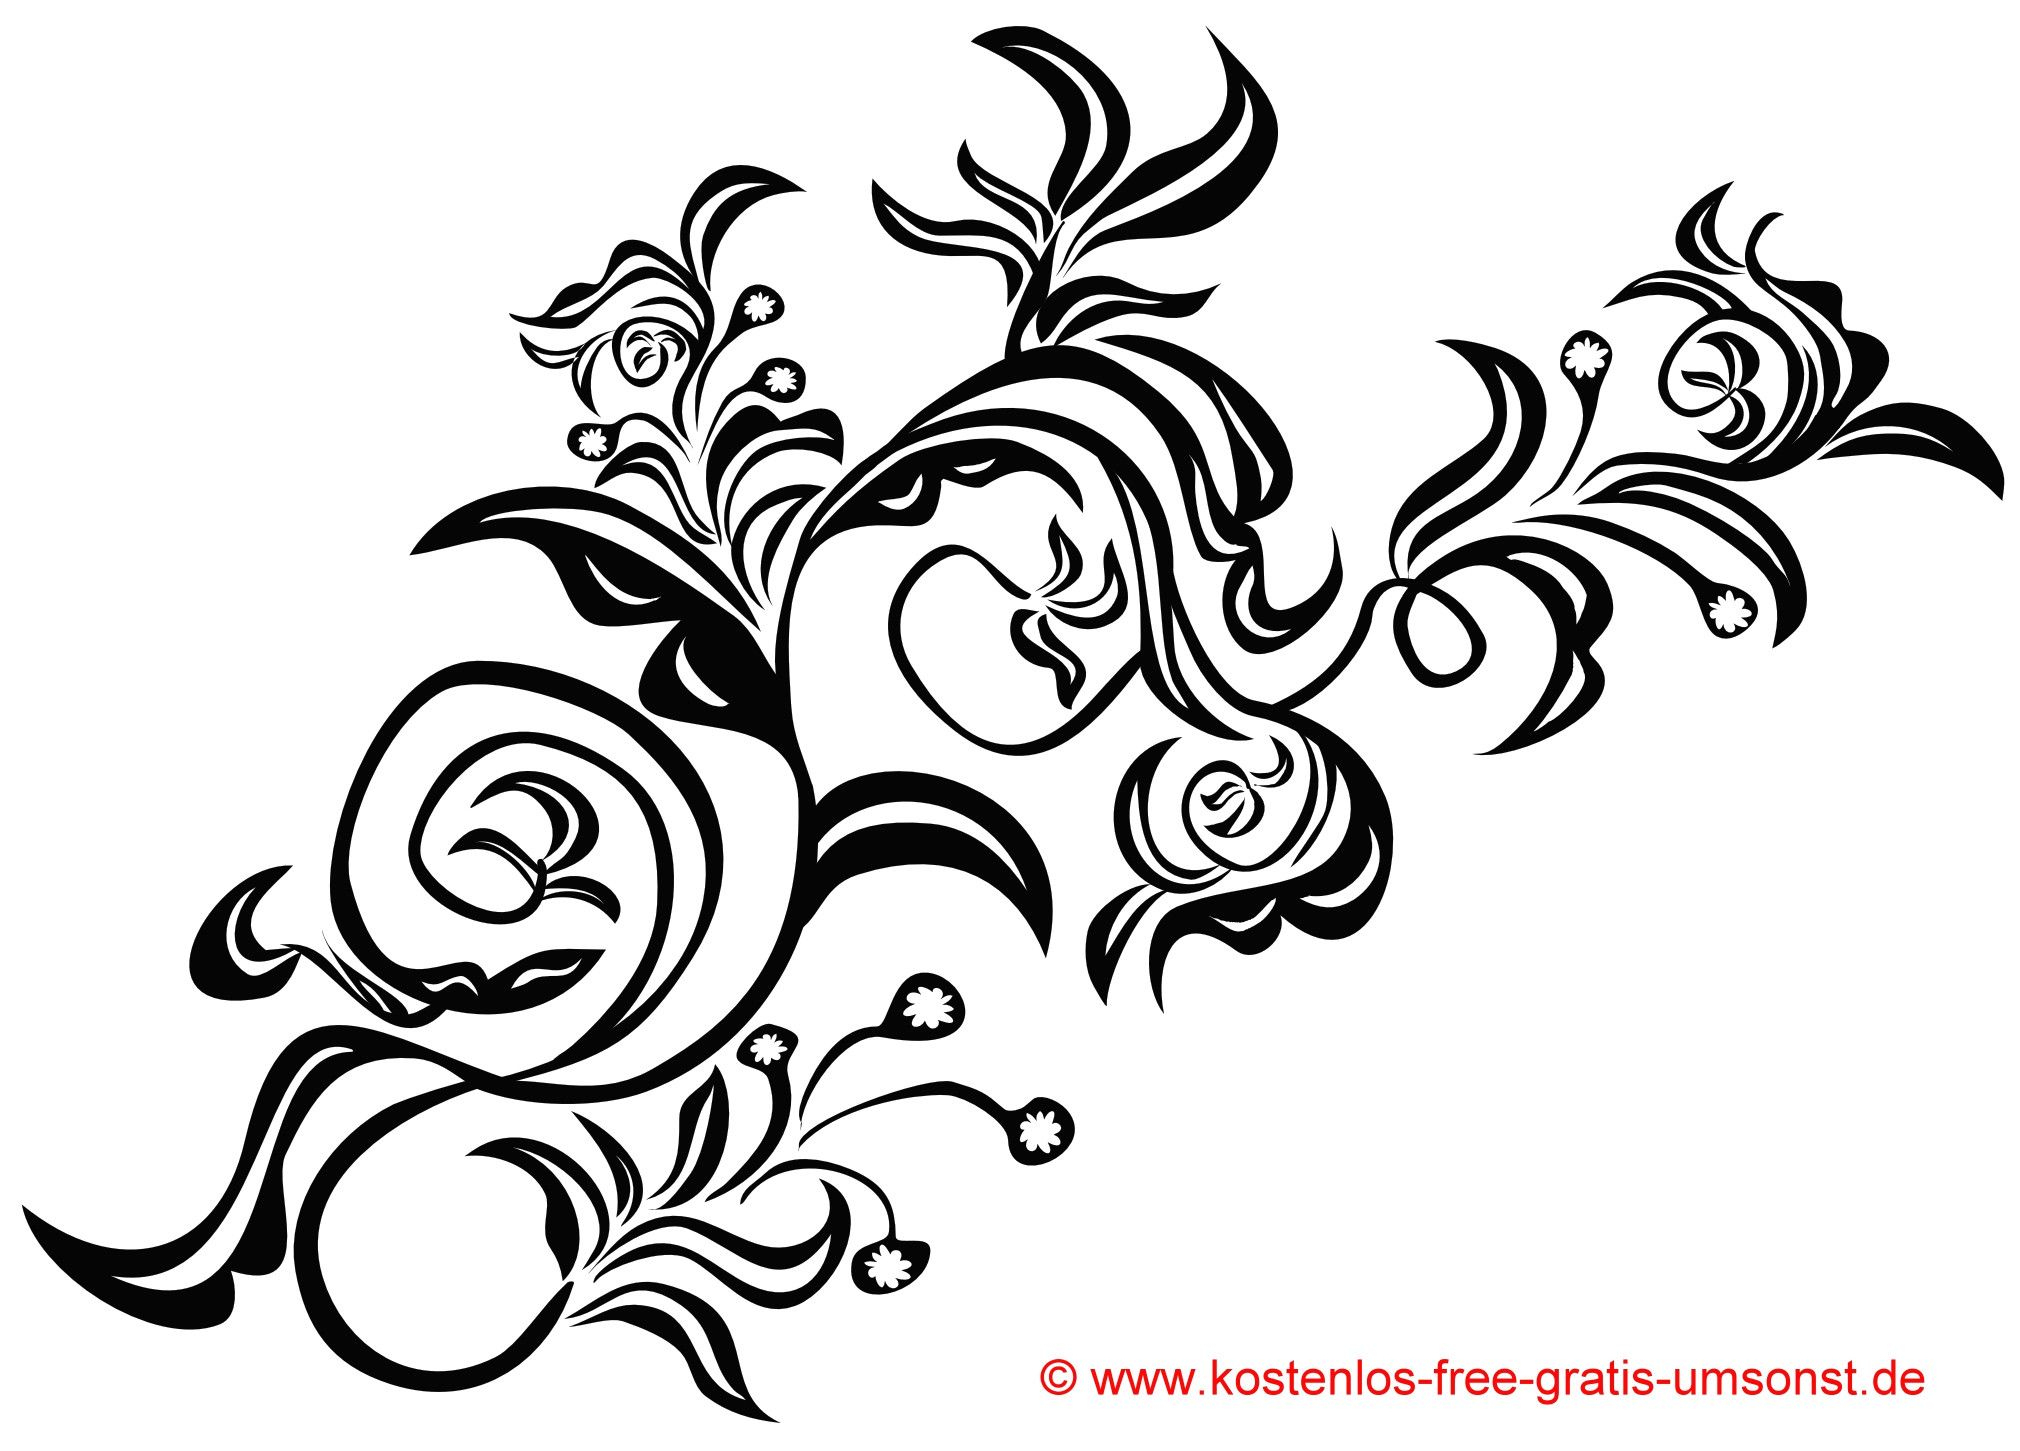 Stern Tattoo Vorlagen Kostenlos Mit Blumen Vorlage Flowers für Sterne Tattoo Vorlagen Kostenlos